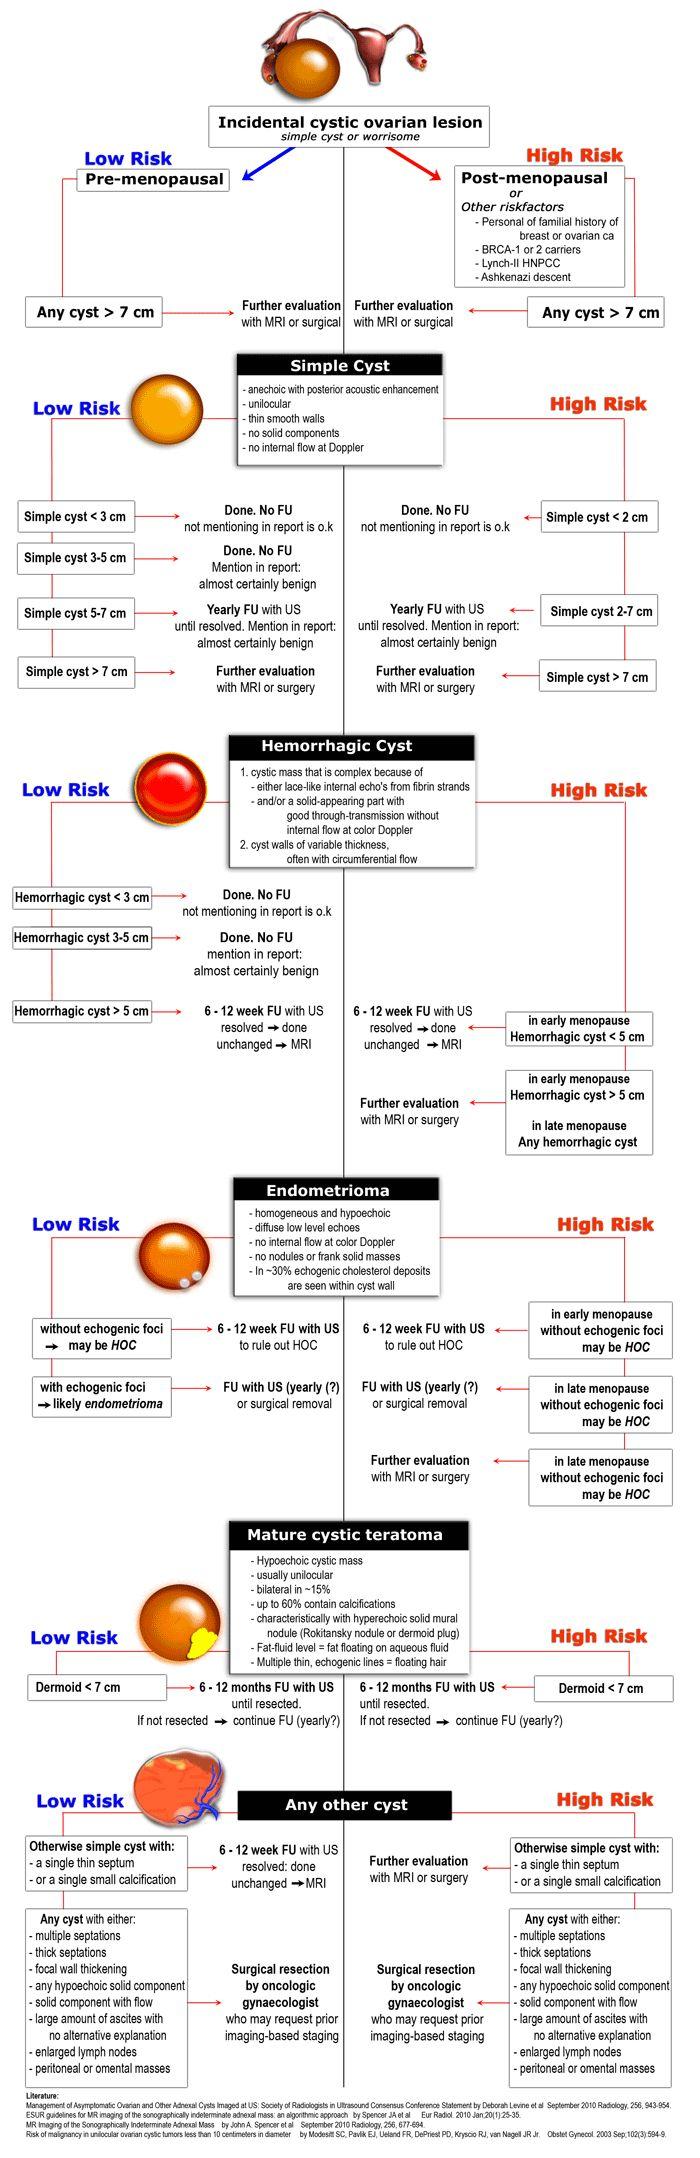 Gastritis, Magenschleimhautentzündung: Ursachen, Symptome, Behandlung und Prävention